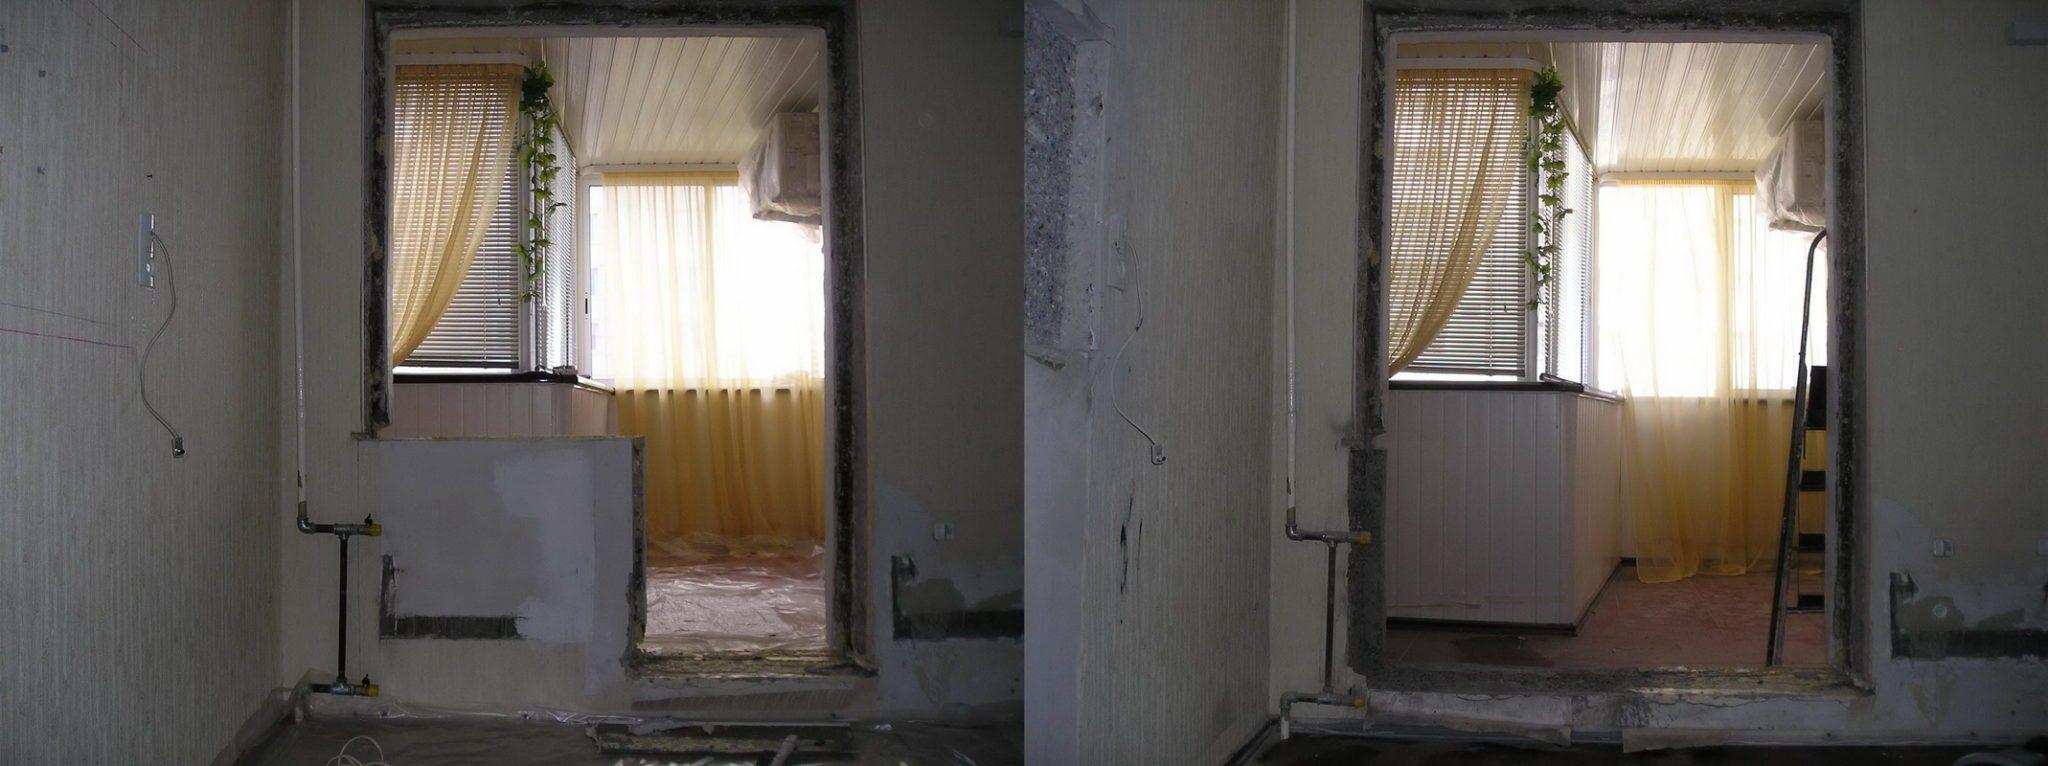 Совмещение лоджии с комнатой: особенности интерьера.